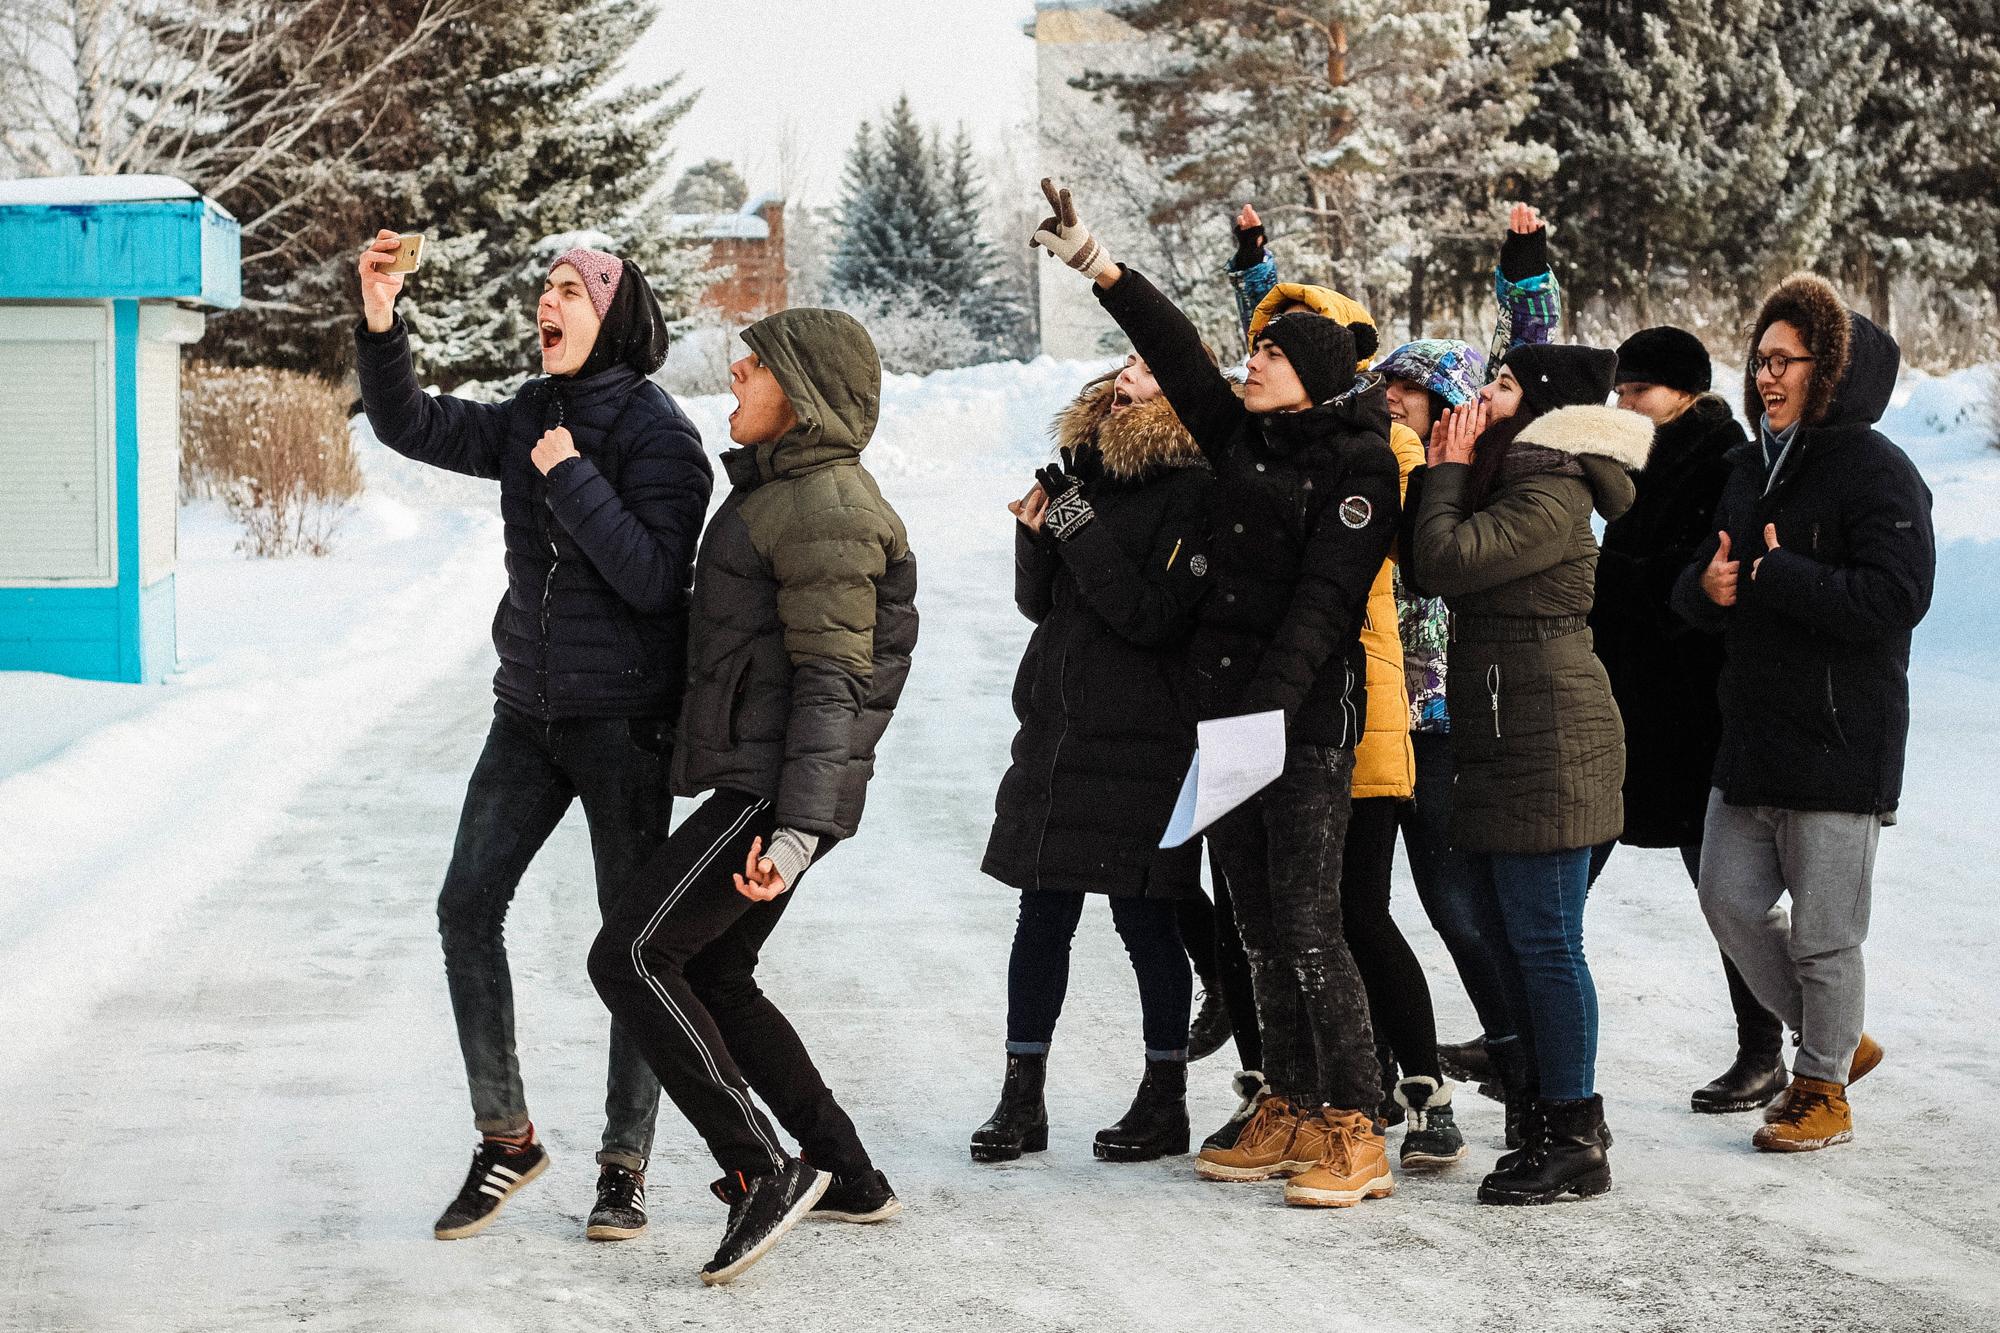 Авторы фото: Елизавета Стасенко, Надежда Ломаева, Марина Ржевская, Юлия Черенцева